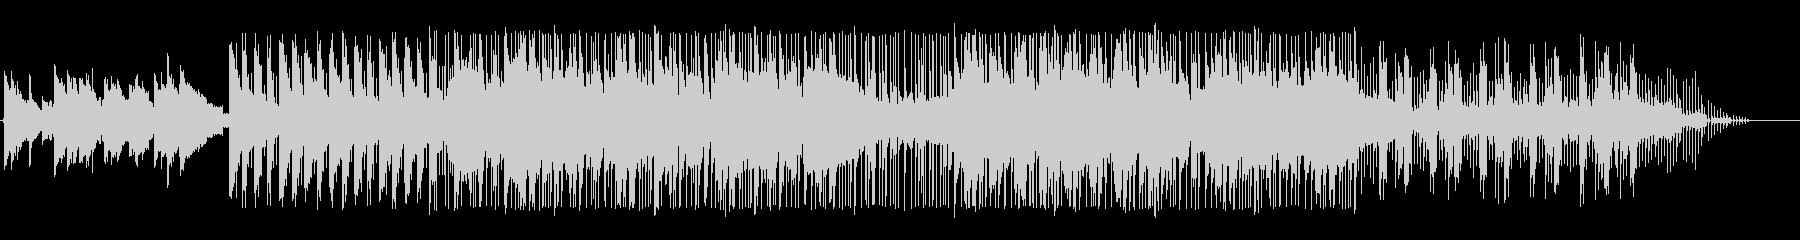 ロックエレクトロニック センチメン...の未再生の波形